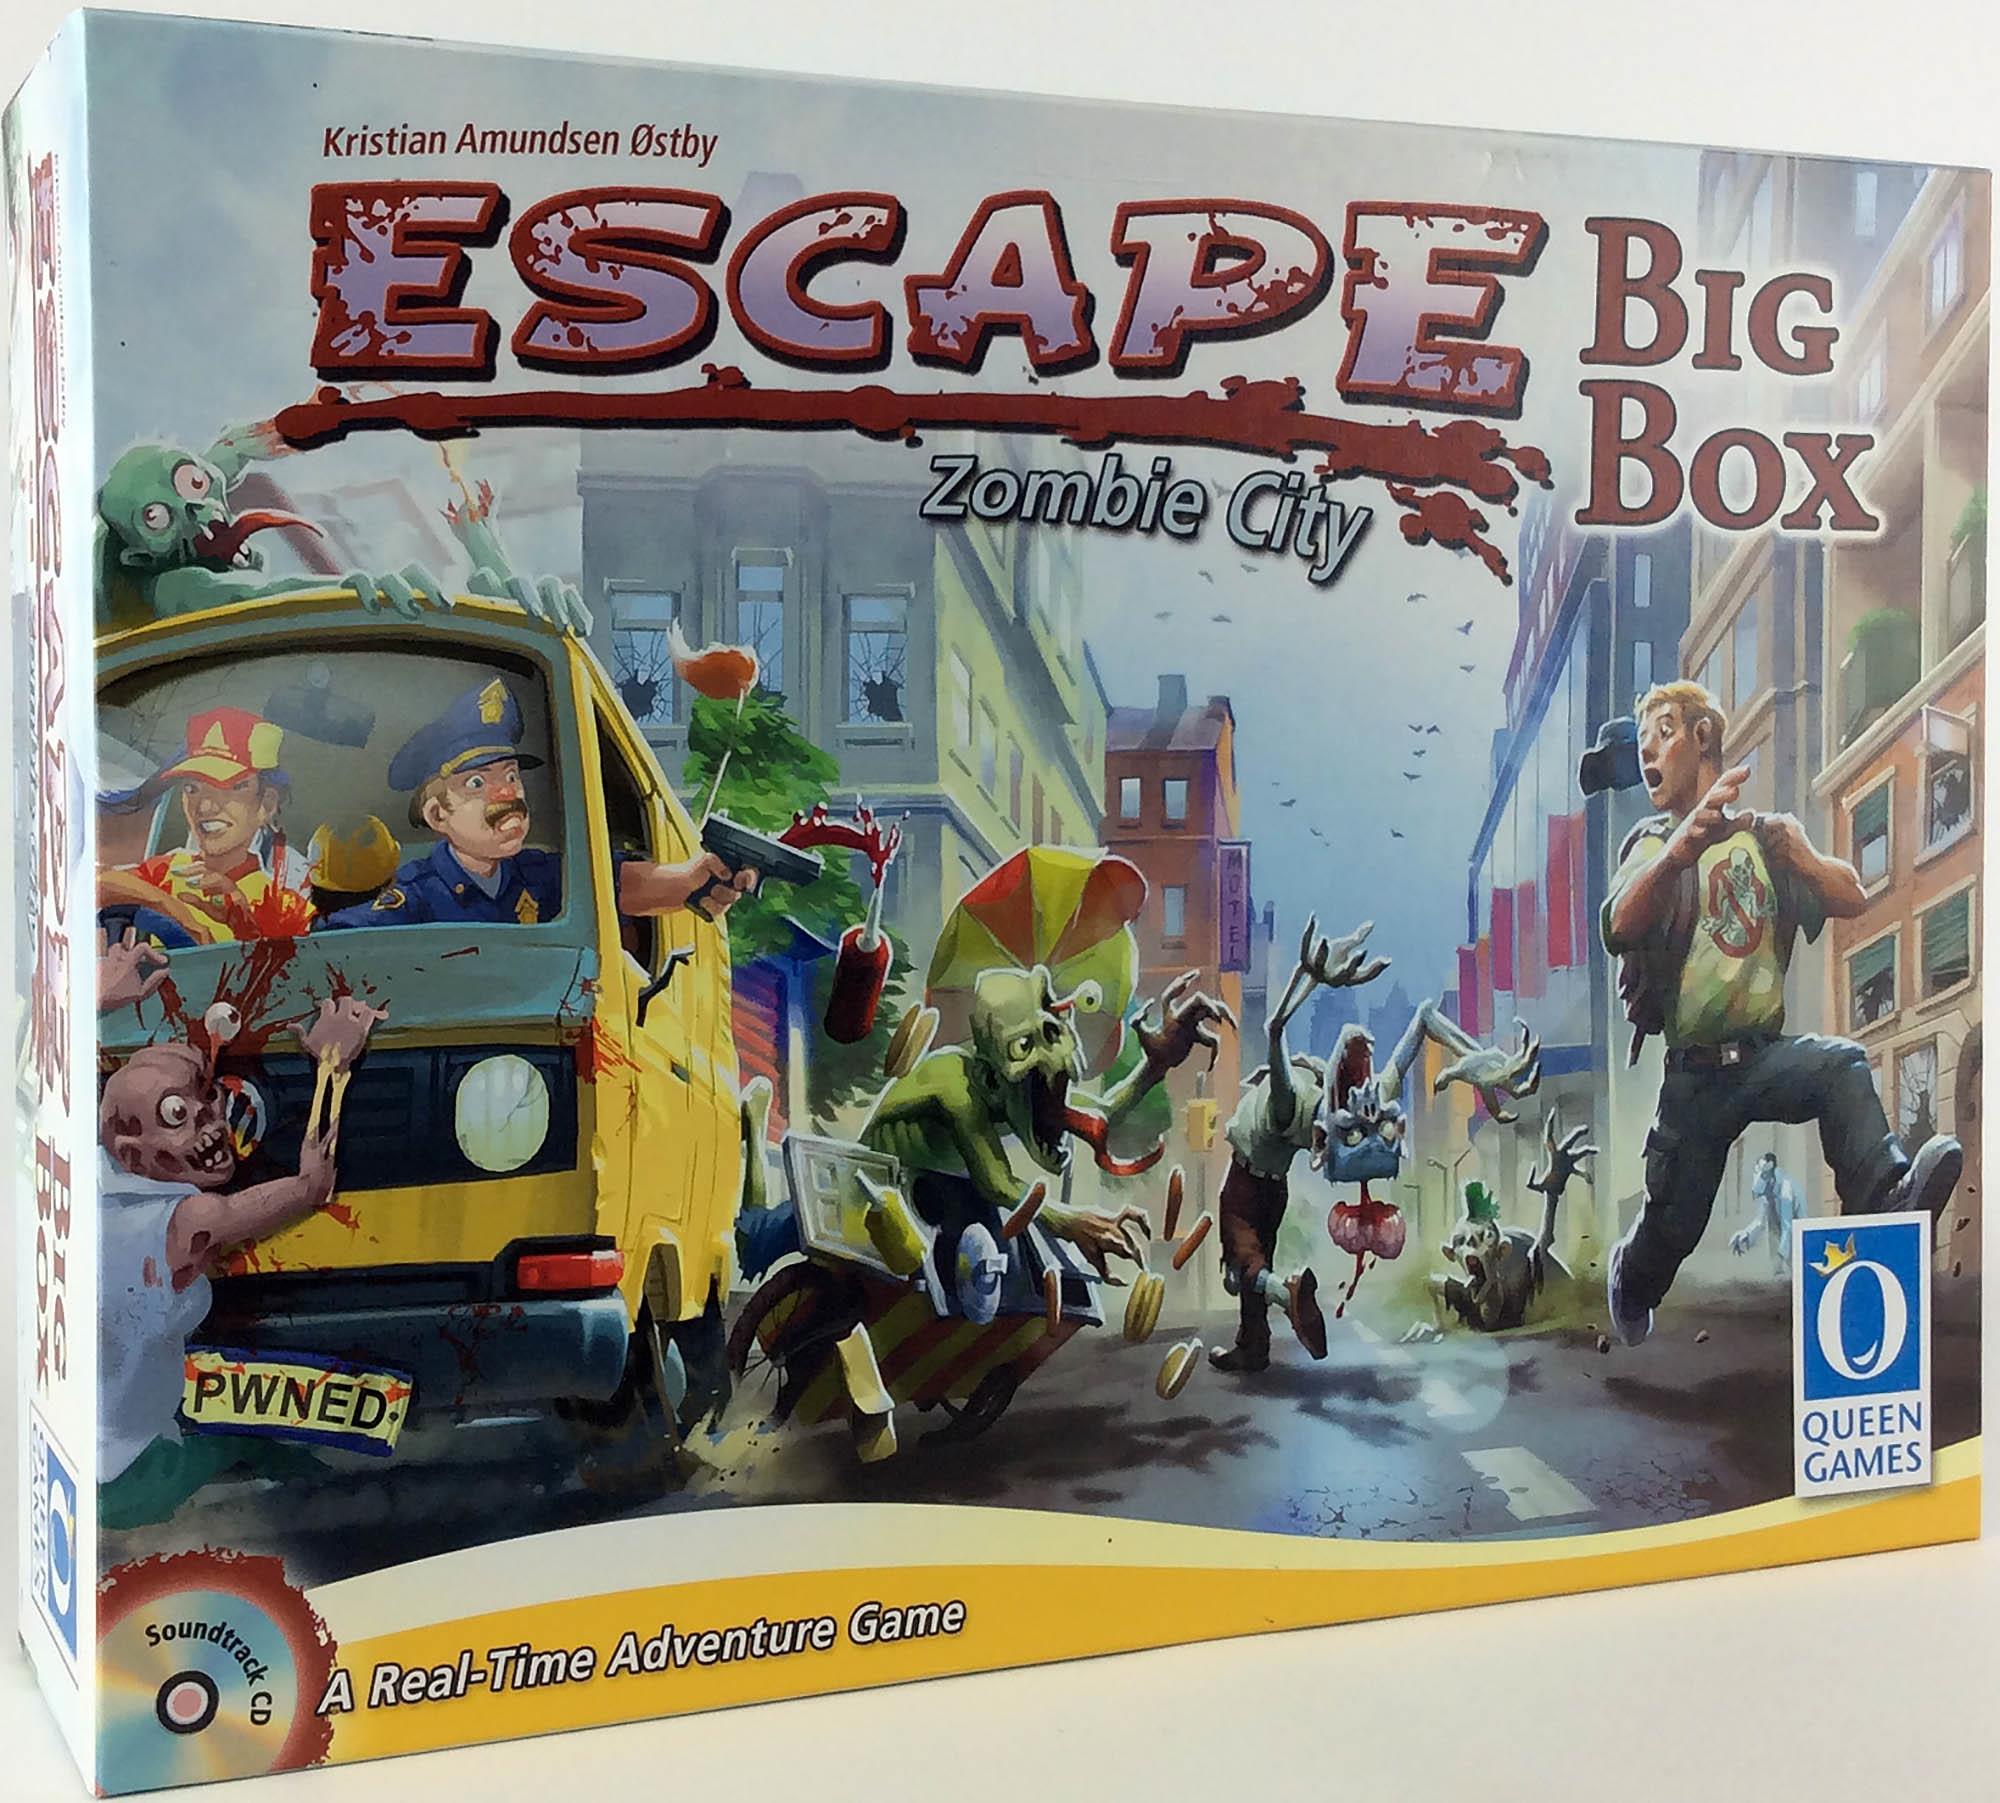 entrega rápida Queen BoardJuego escapar-Zombie escapar-Zombie escapar-Zombie City-Caja Grande Caja De Menta  alto descuento